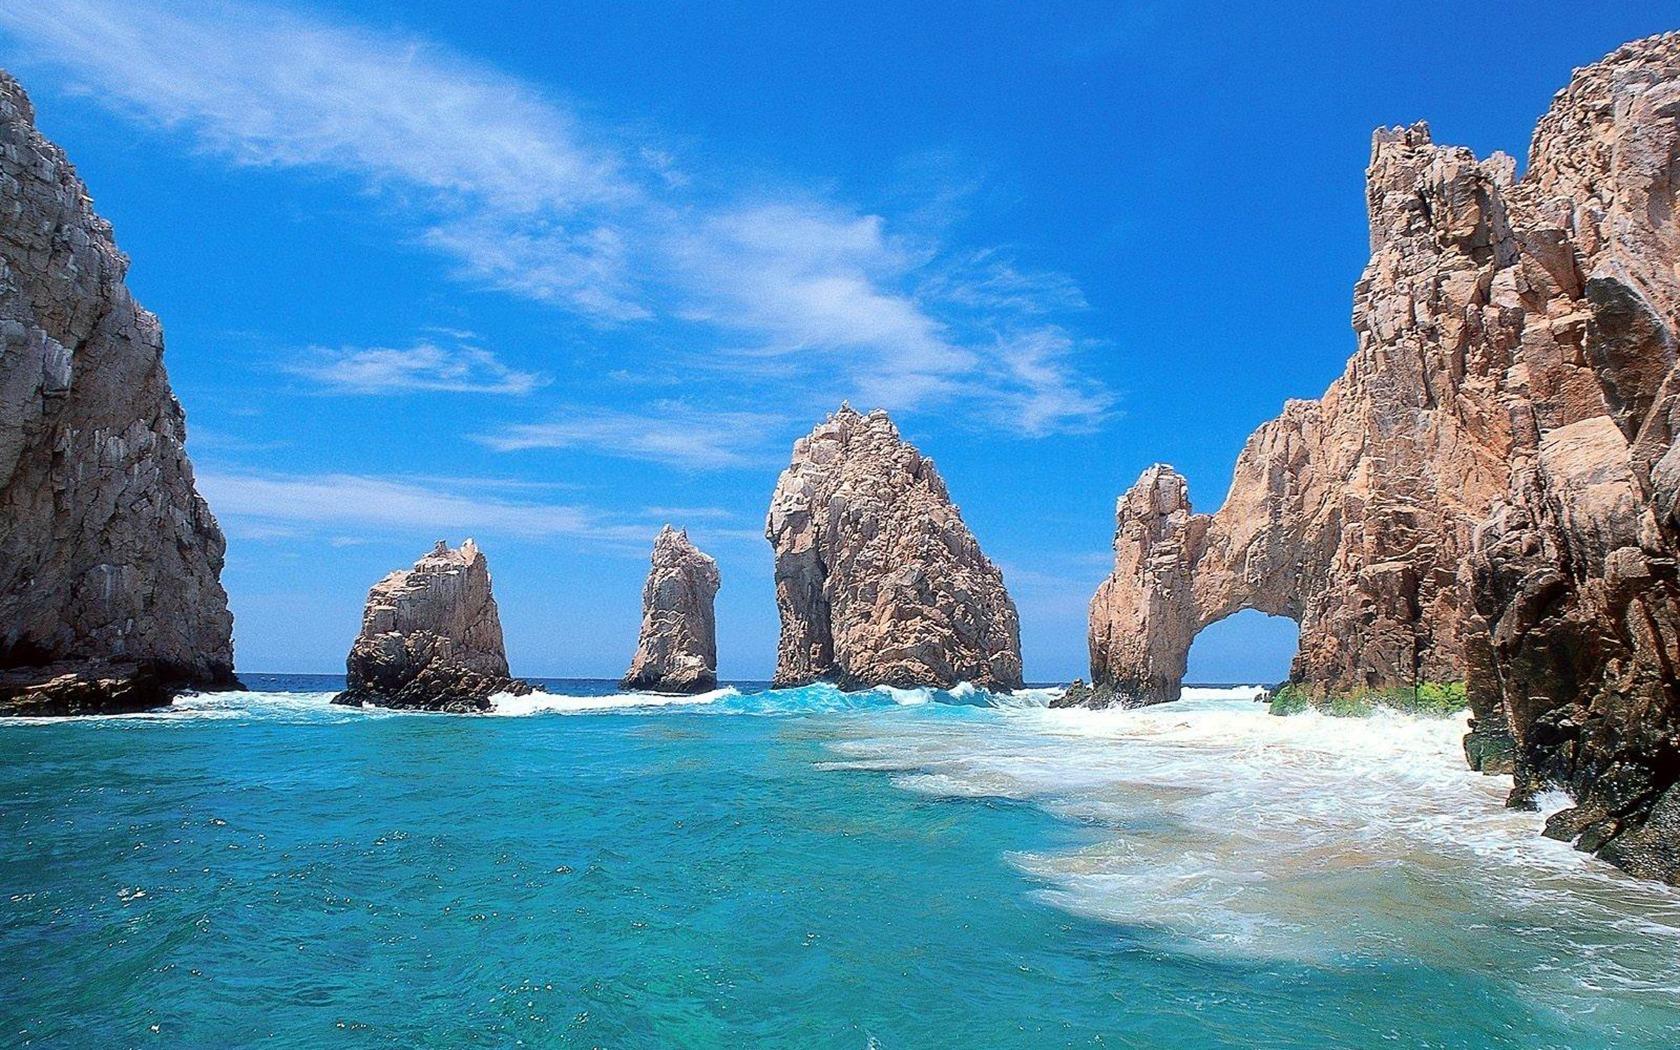 日海石 最も美しい自然の風景壁紙プレビュー 10wallpaper Com